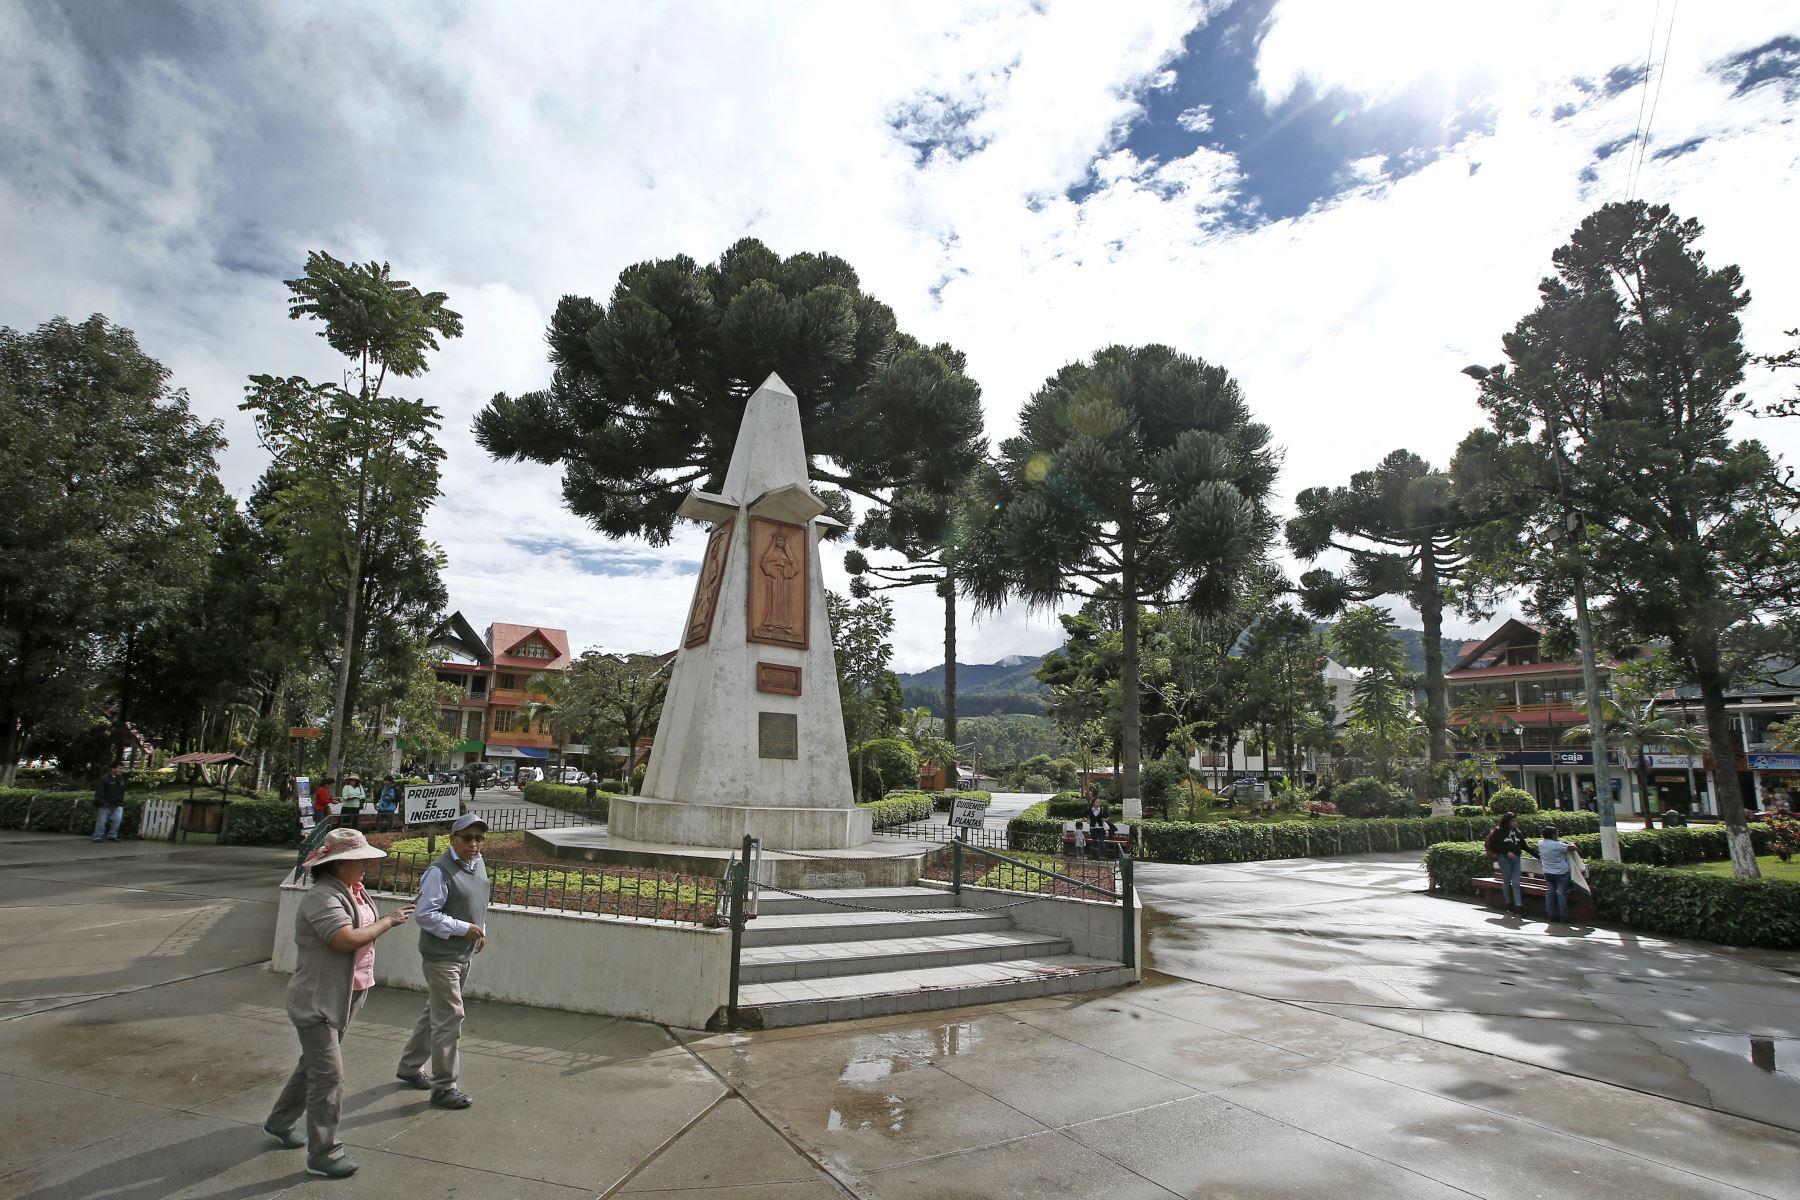 La ciudad de Oxapampa fue fundada en 1891 con el nombre de Santa Rosa de Oxapampa por un grupo de colonos alemanes y austriacos, sobre la margen derecha del río Chontabamba. ANDINA/Melina Mejía